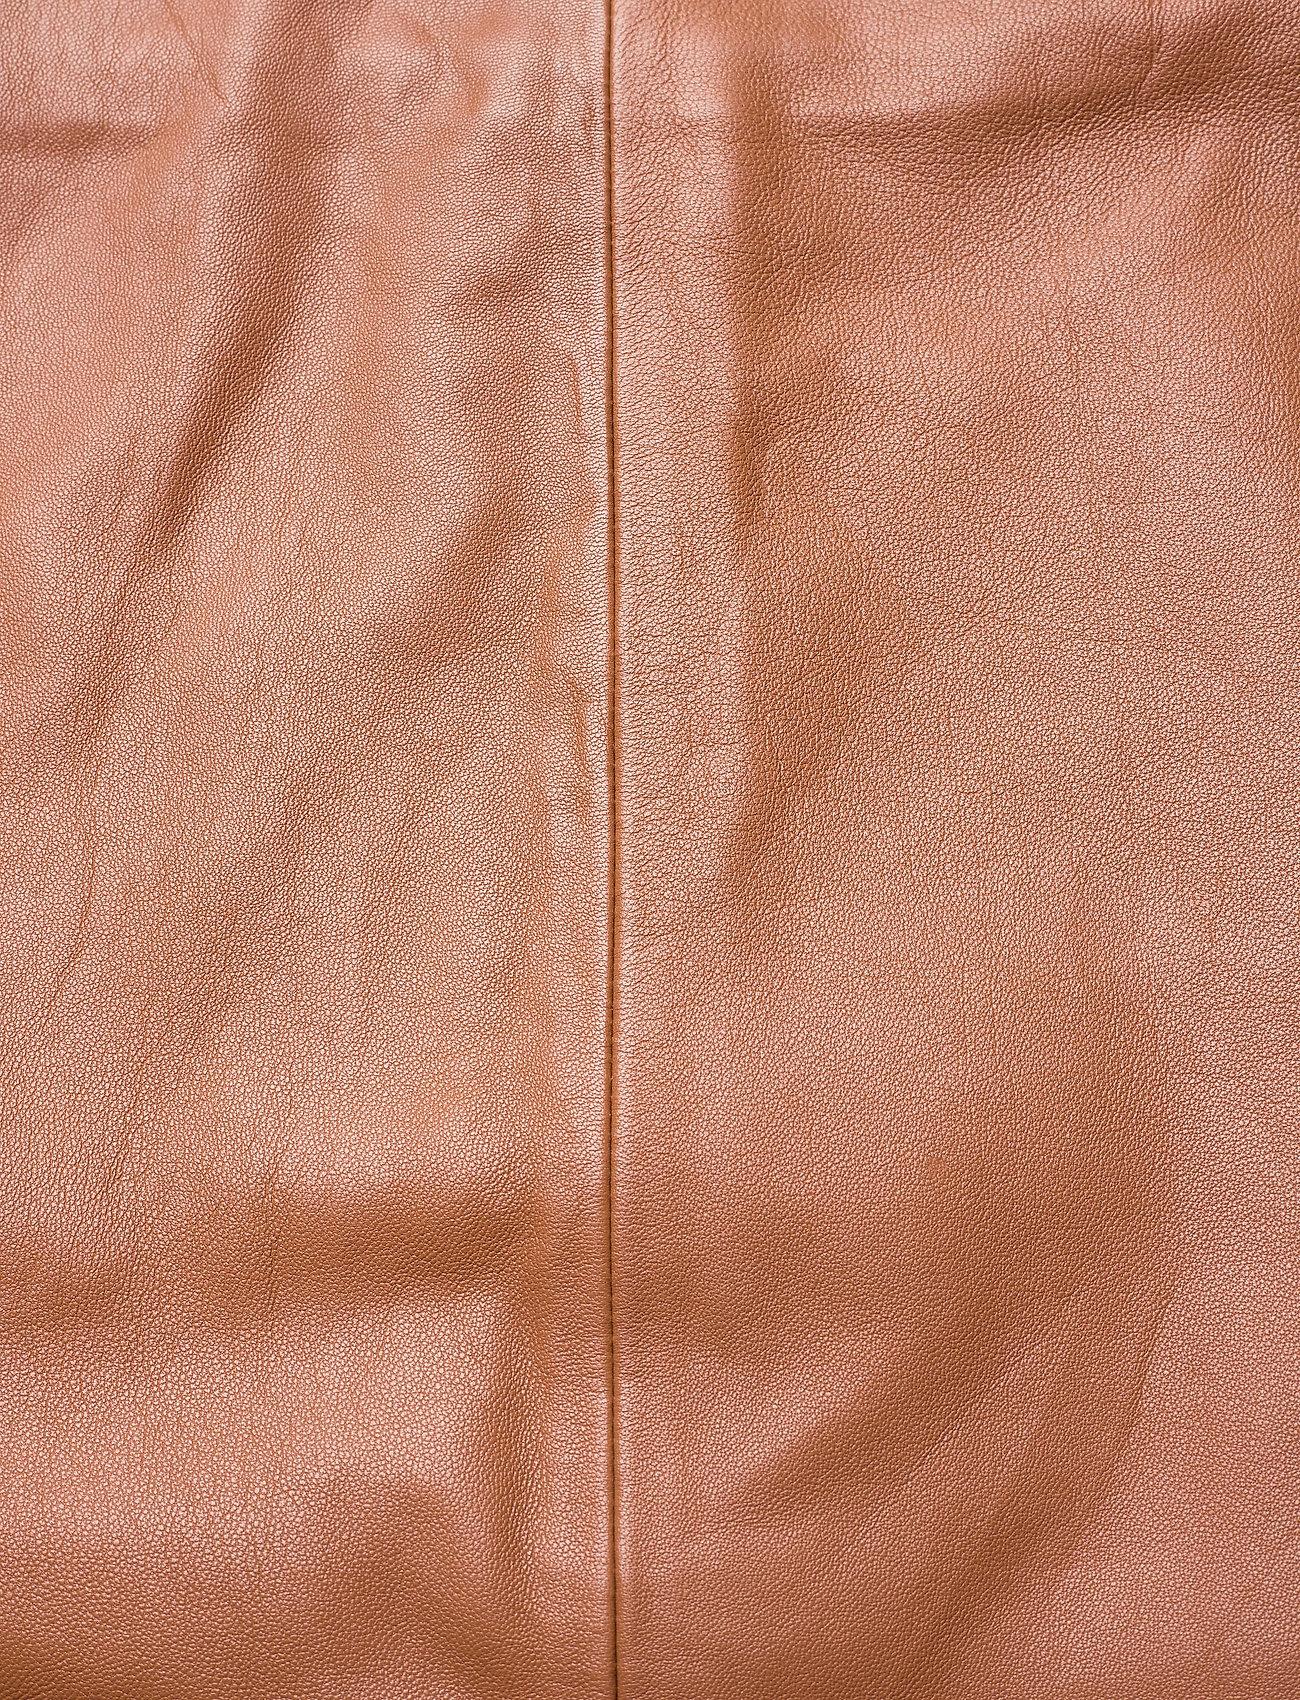 2NDDAY 2ND Cecilia - Spódnice MOCHA BISQUE - Kobiety Odzież.